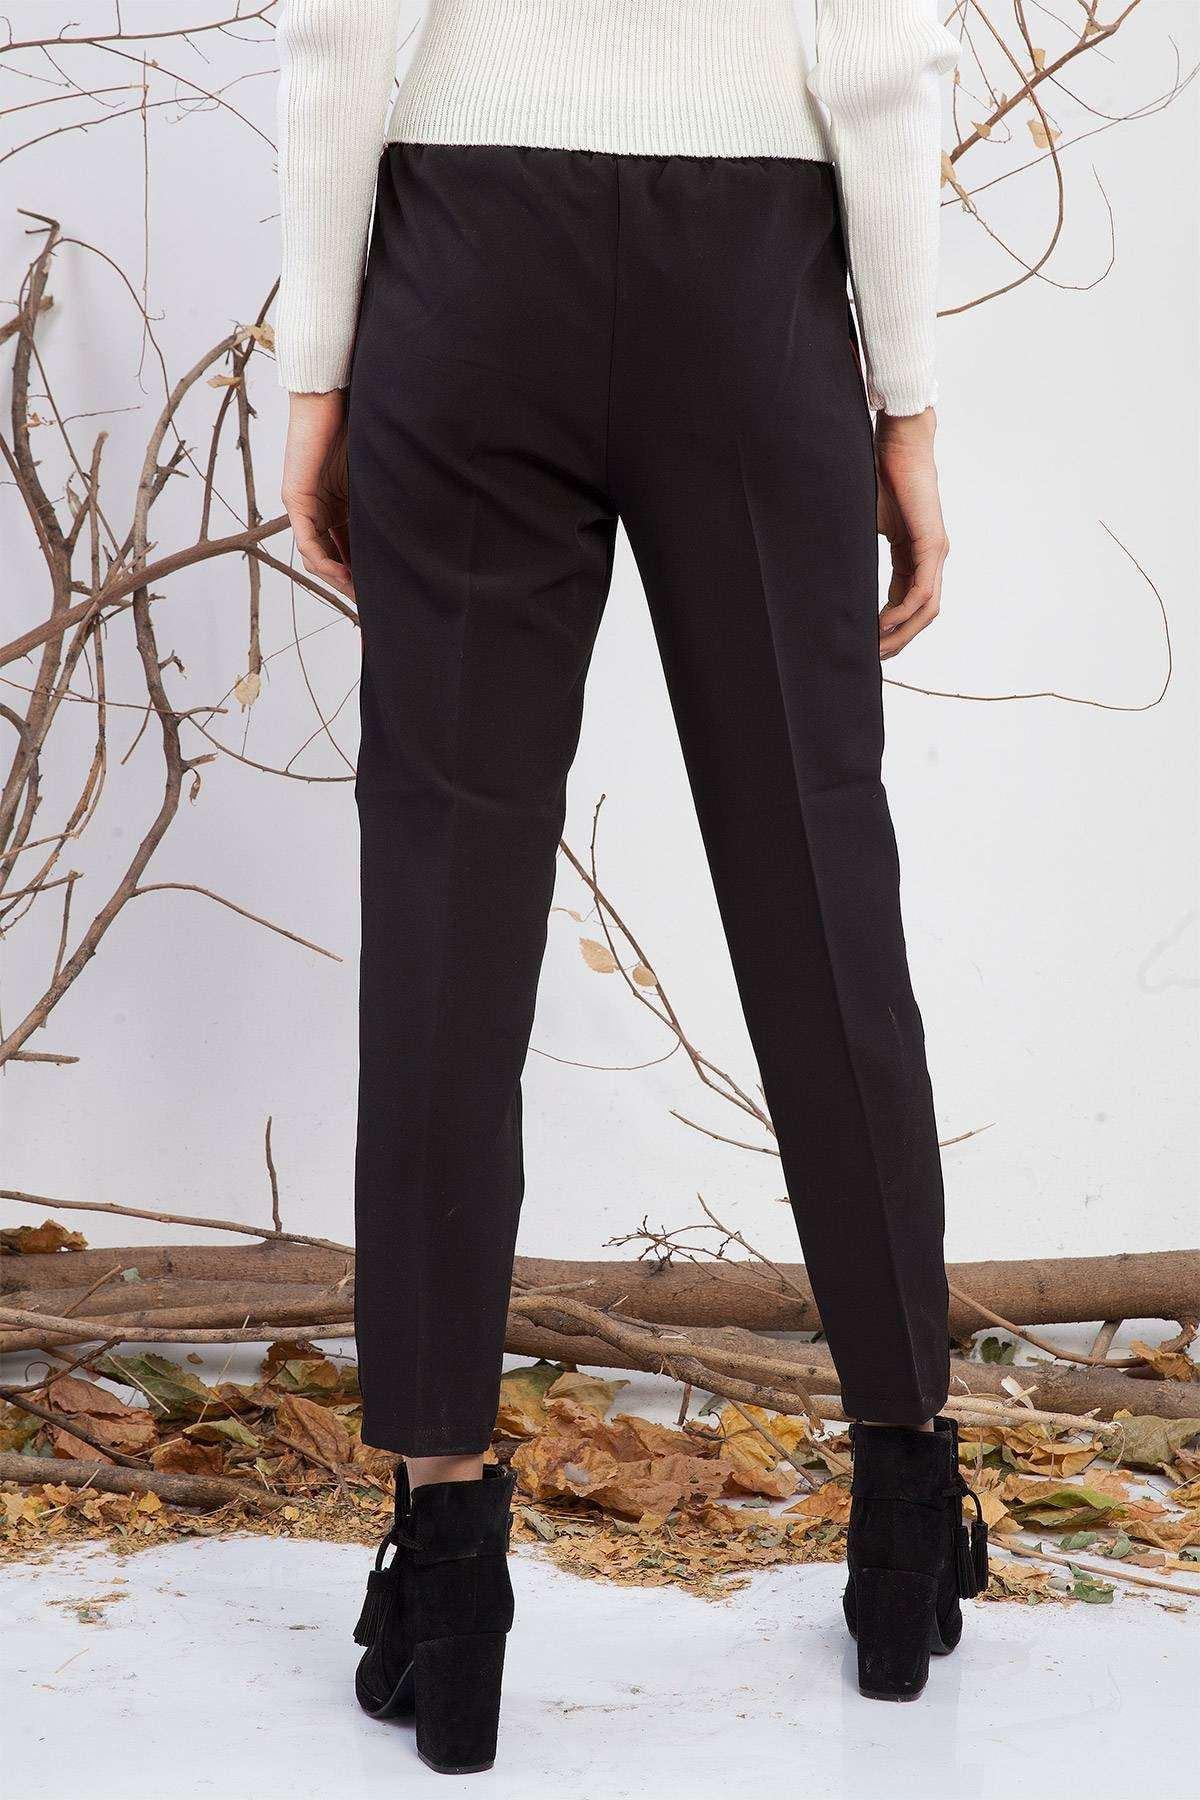 Yanları Kırmızı Şeritli Havuç Pantolon Siyah